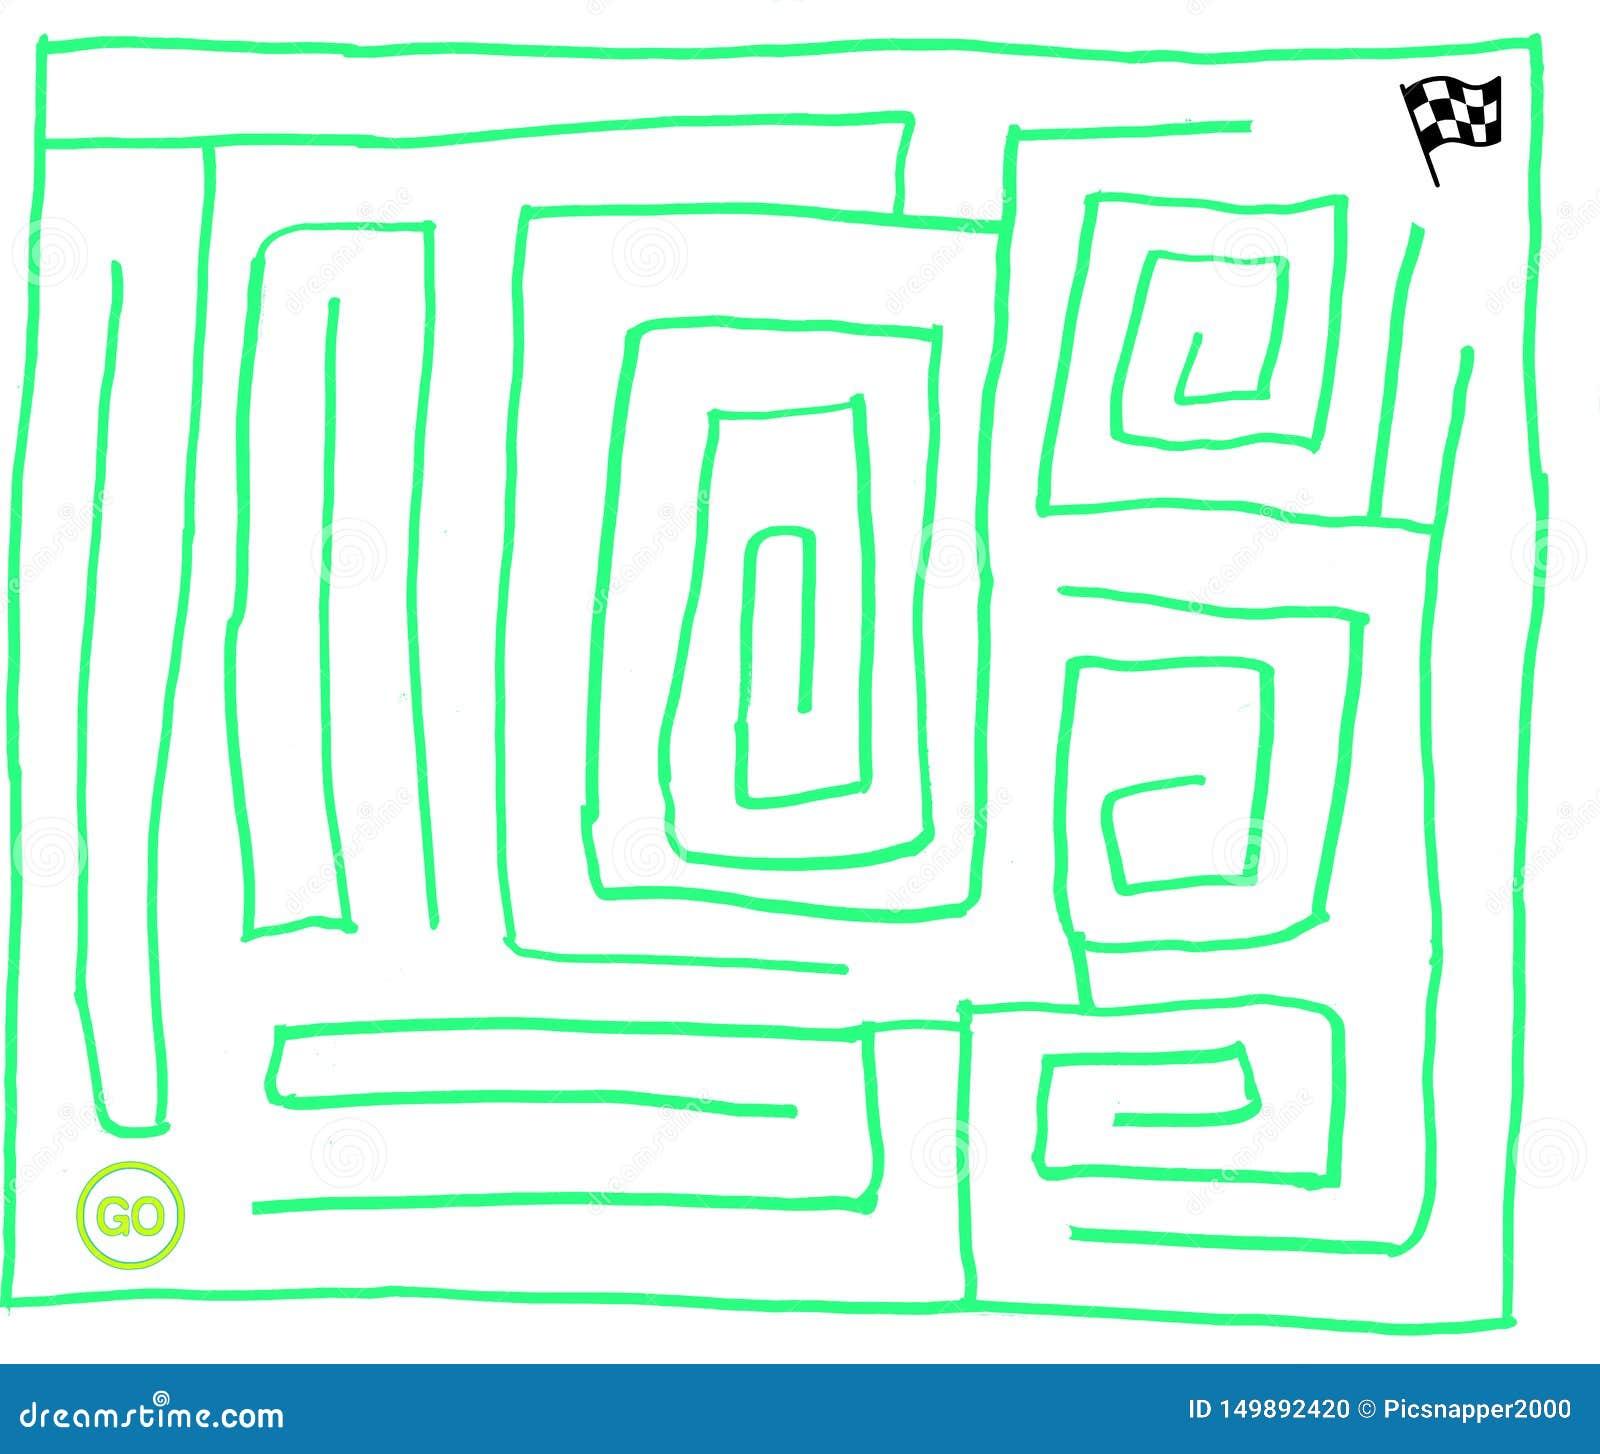 Labirinto numero sette, verde molto facile e fluorescente, grafico di vettore